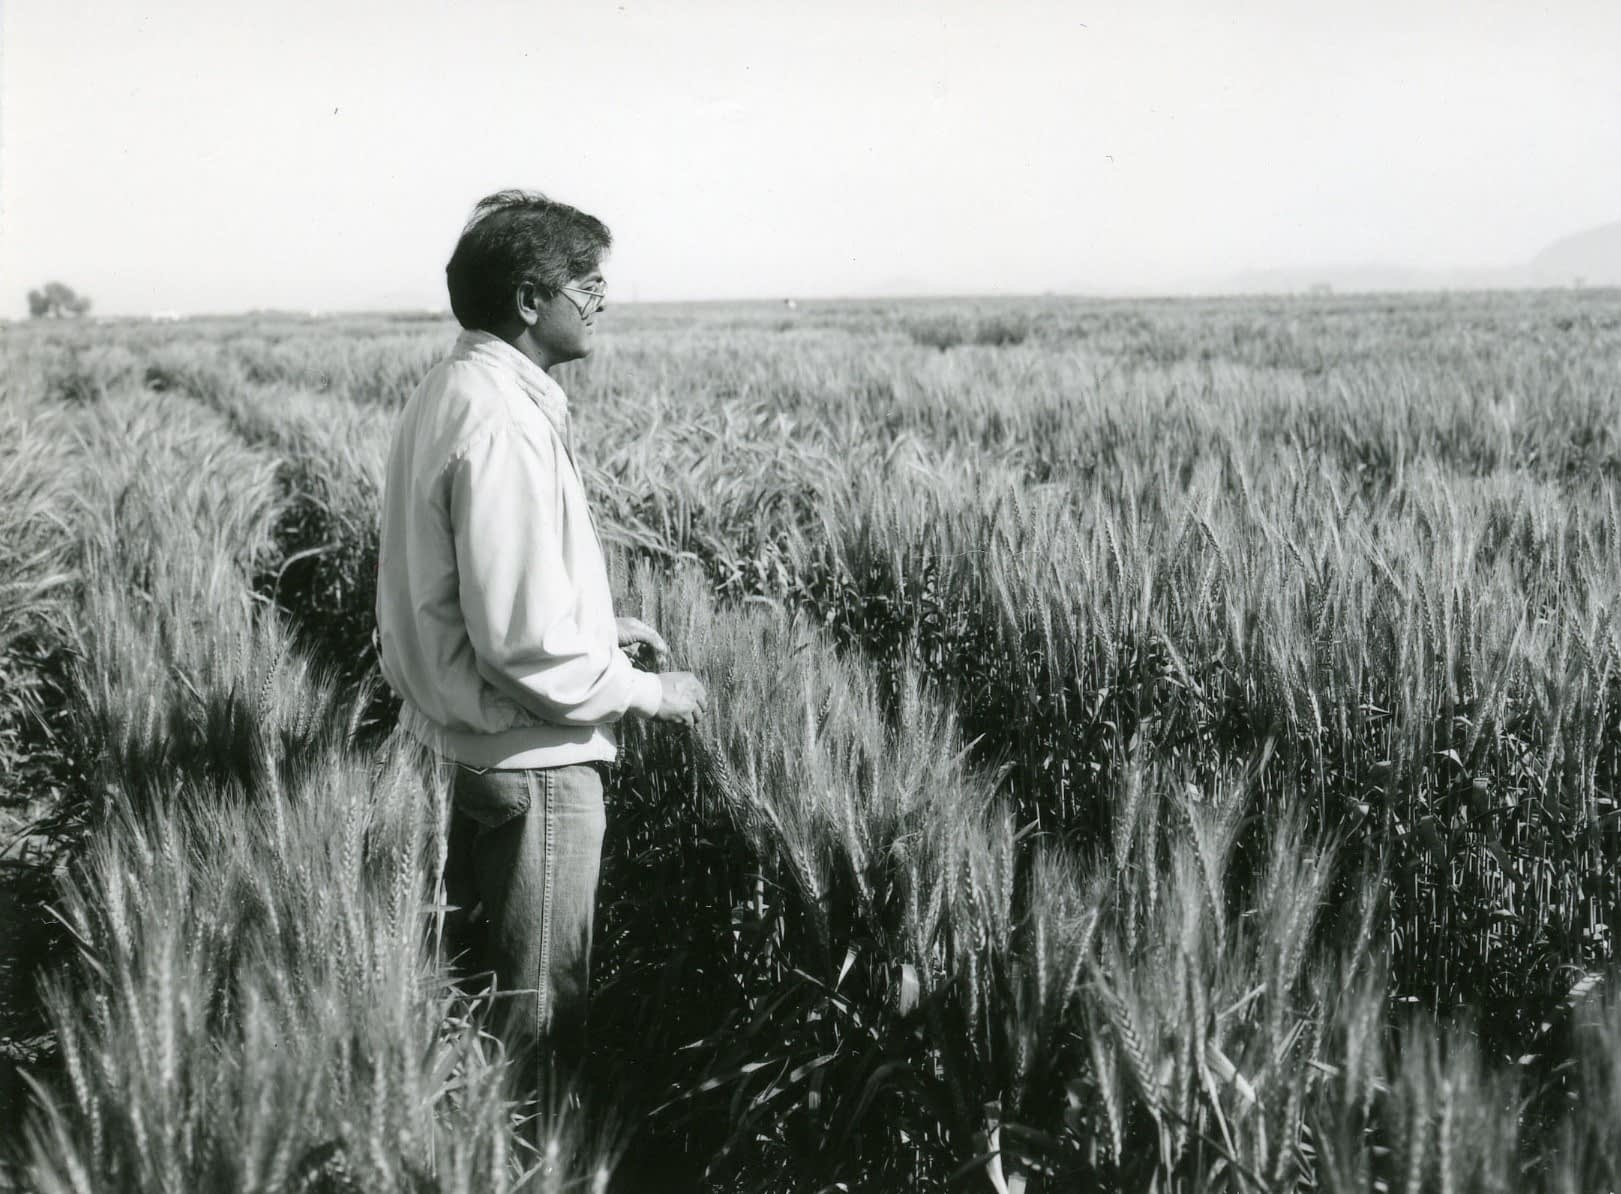 Sanjaya Rajaram at the Centro de Investigaciones Agrícolas del Noroeste (CIANO) in Ciudad Obregón, in Mexico's Sonora state. (Photo: Gil Olmos/CIMMYT)